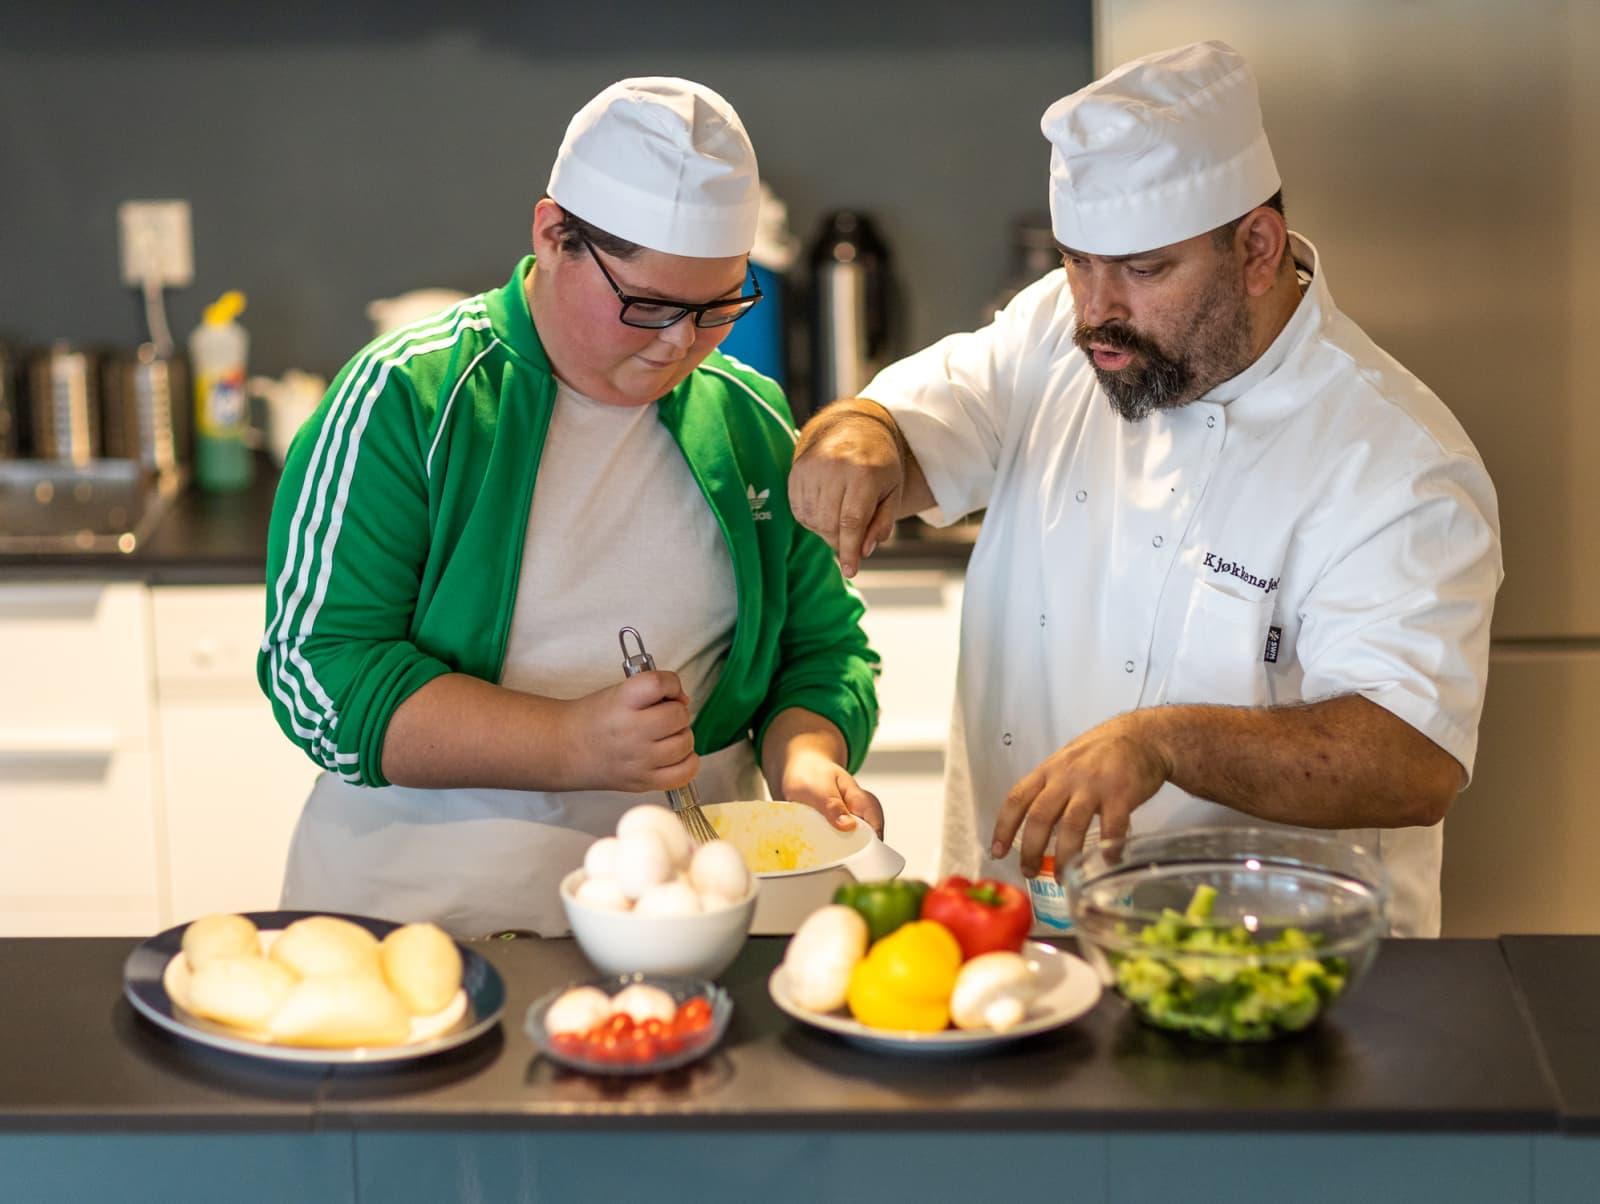 En PitStop-ungdom lager mat med en kjøkkensjef. Rundt 80 % av ungdommen som deltok i PitStops pilotprosjekt mellom 2016 og 2019kom seg tilbake i skole, arbeid eller annen tilrettelagt aktivitet.